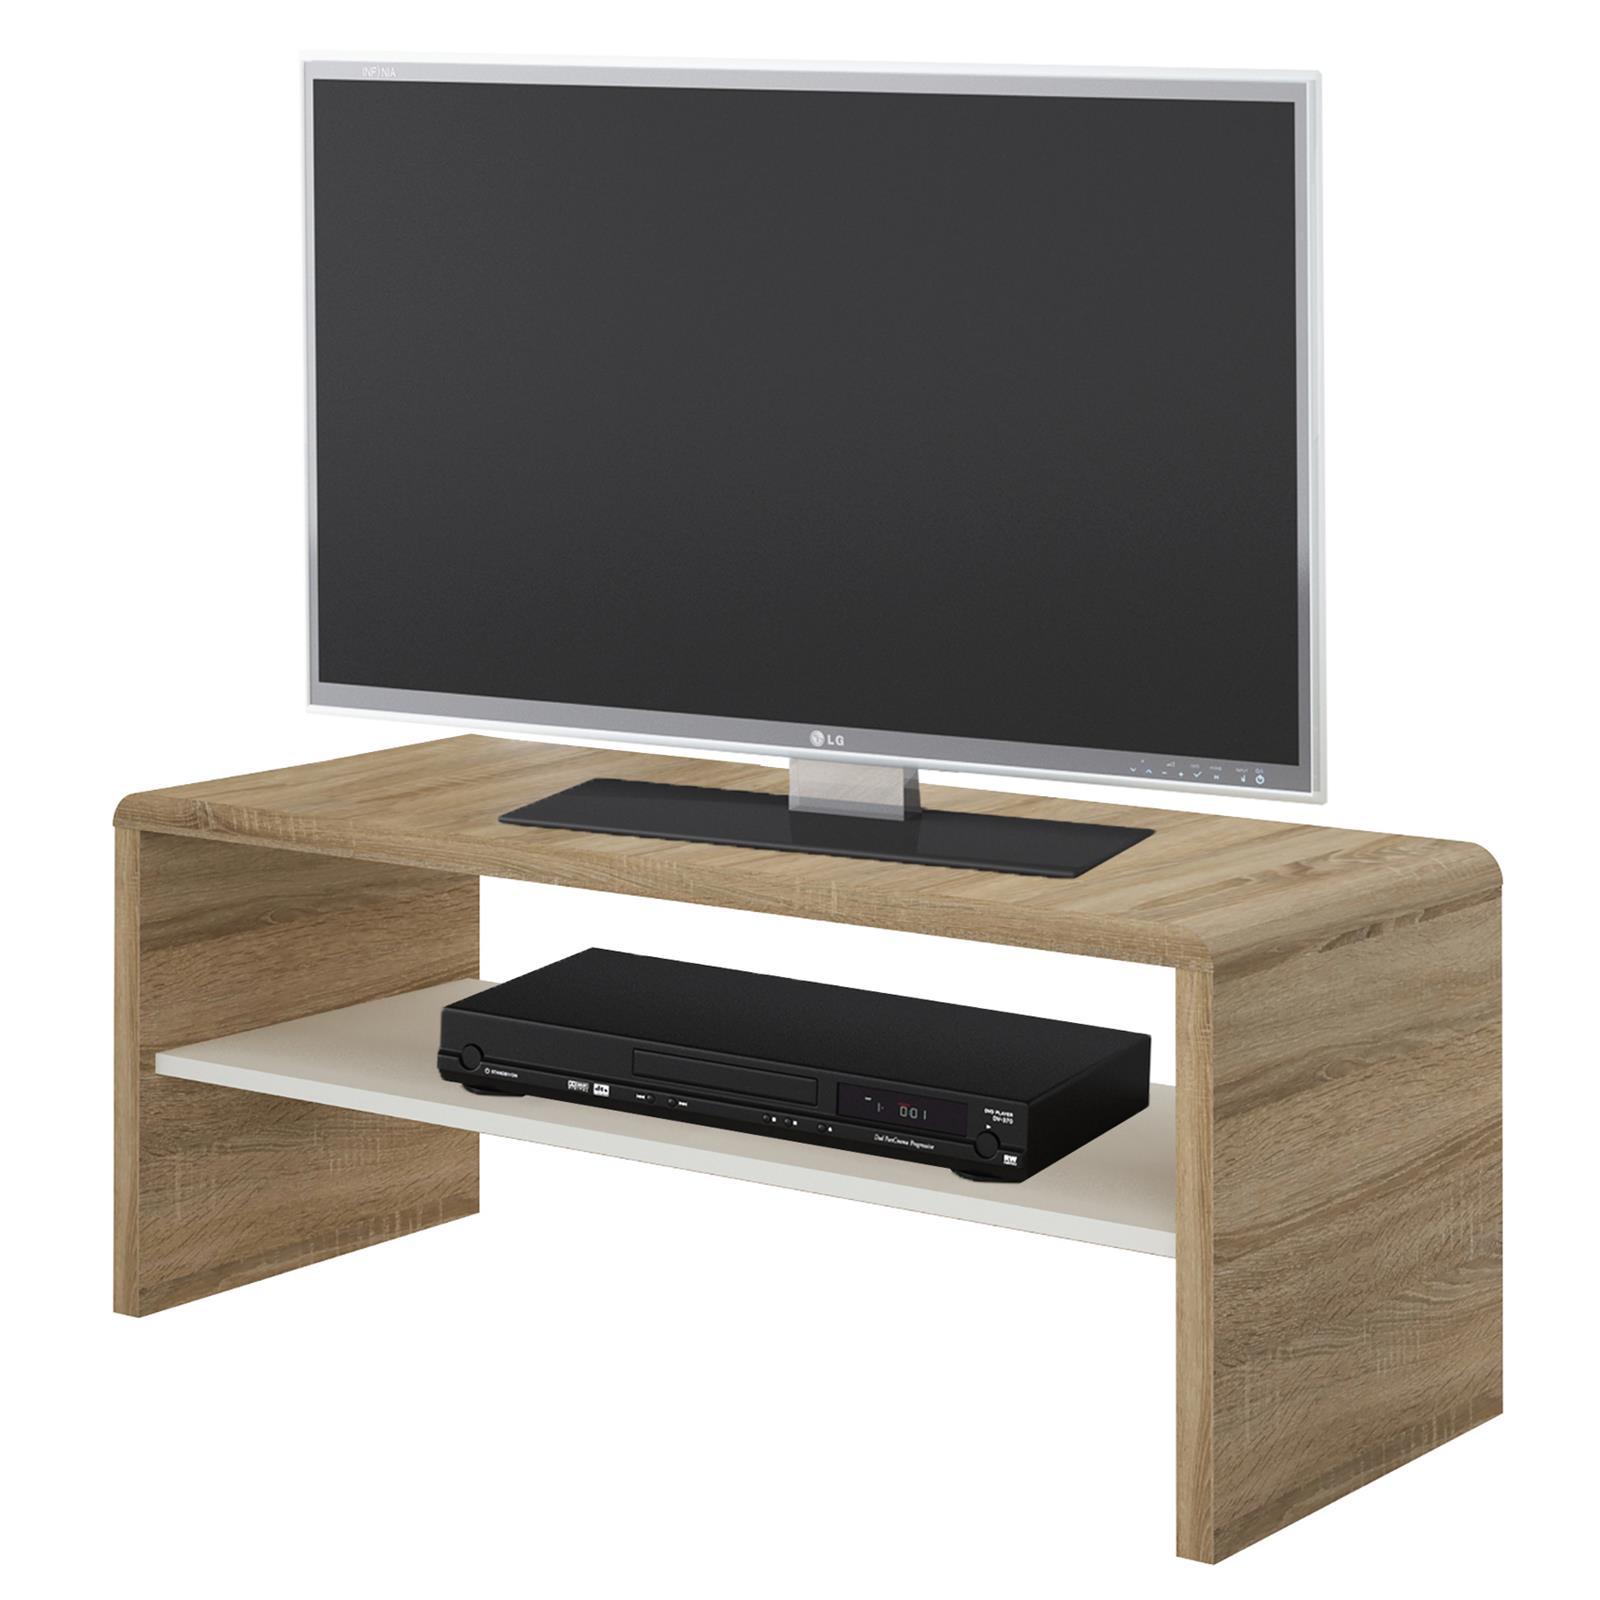 tv lowboard couchtisch fernsehschrank sofatisch 100 cm breit mit farbauswahl ebay. Black Bedroom Furniture Sets. Home Design Ideas